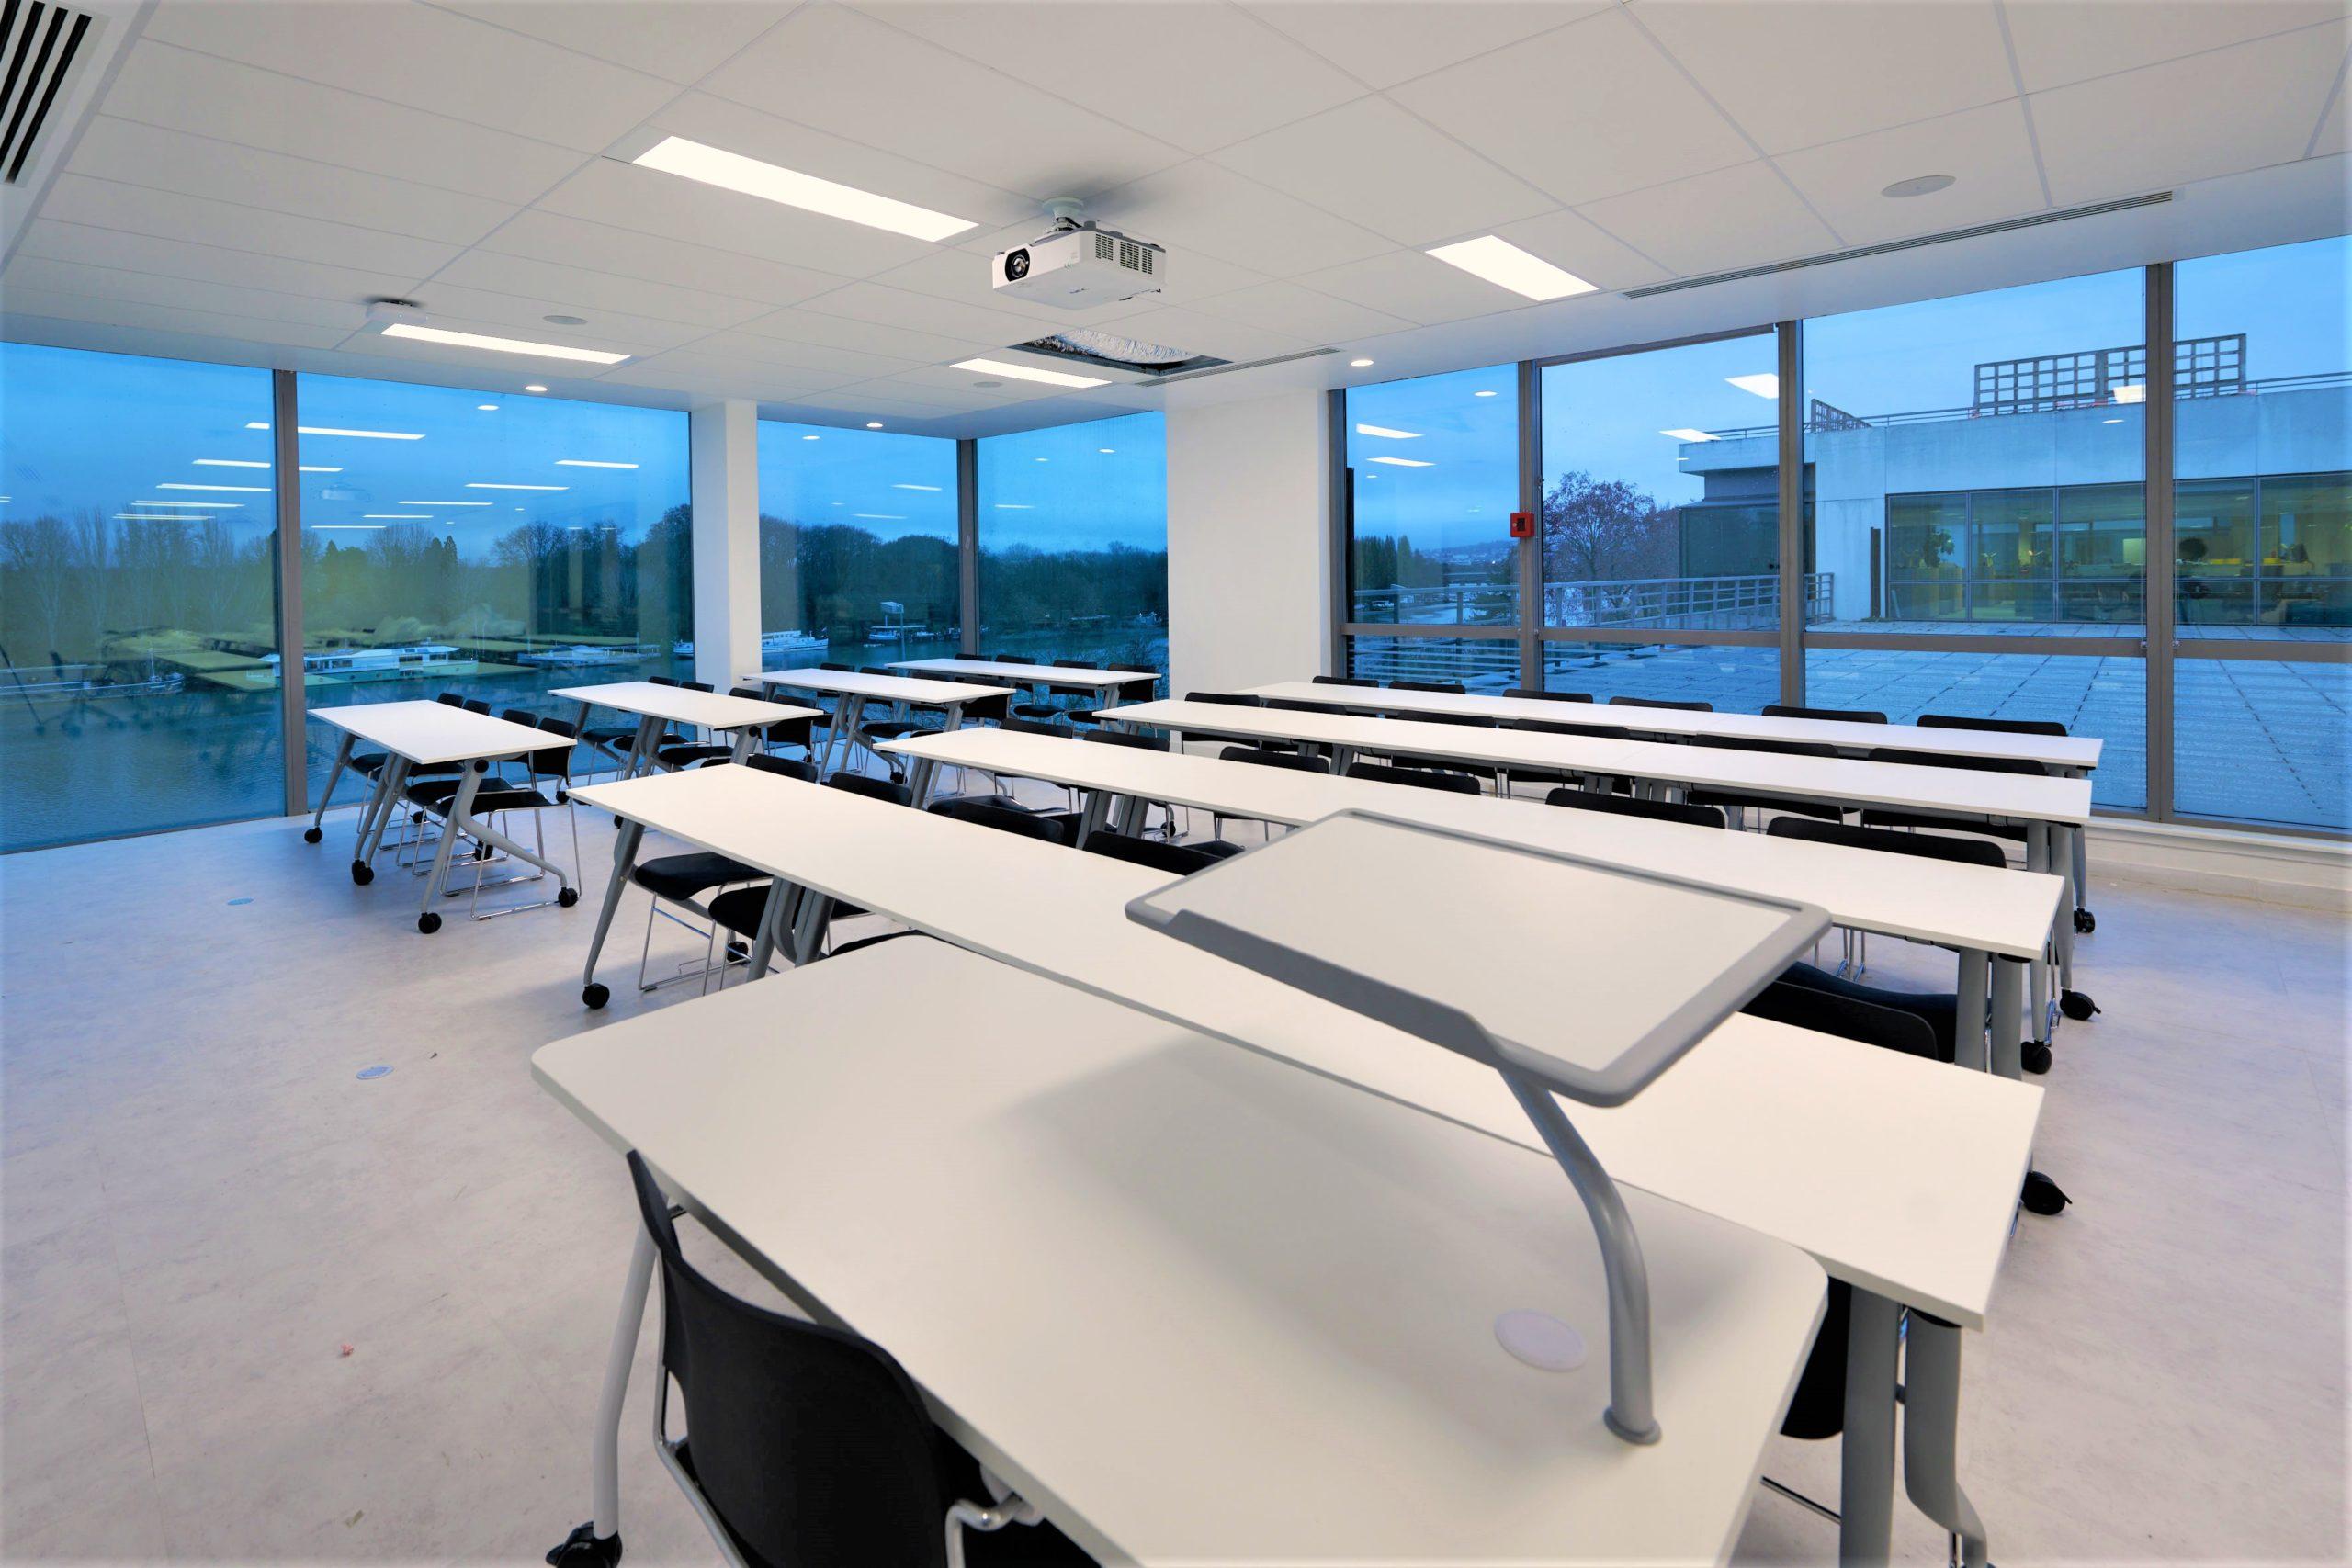 Skema-tables de classe-fauteuils de cours